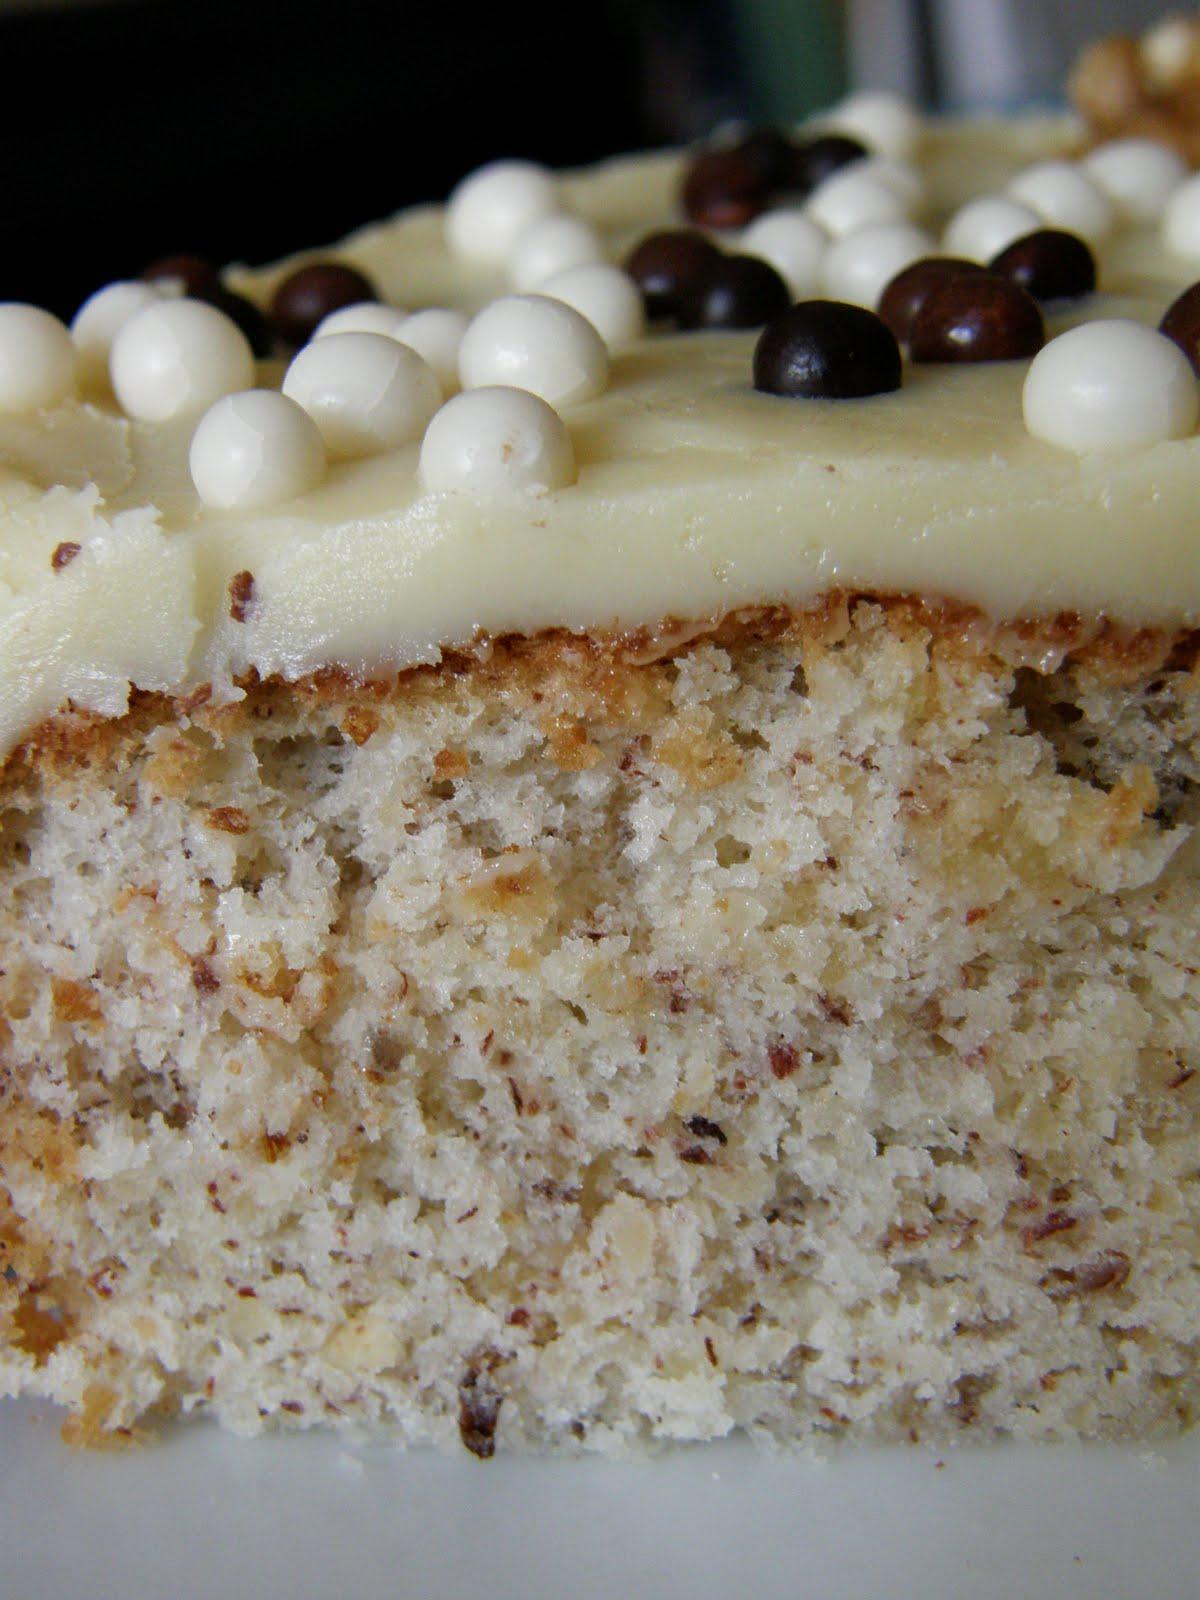 Baño Blanco Para Bizcocho:Amarenas: Bizcocho de avellanas con chocolate blanco